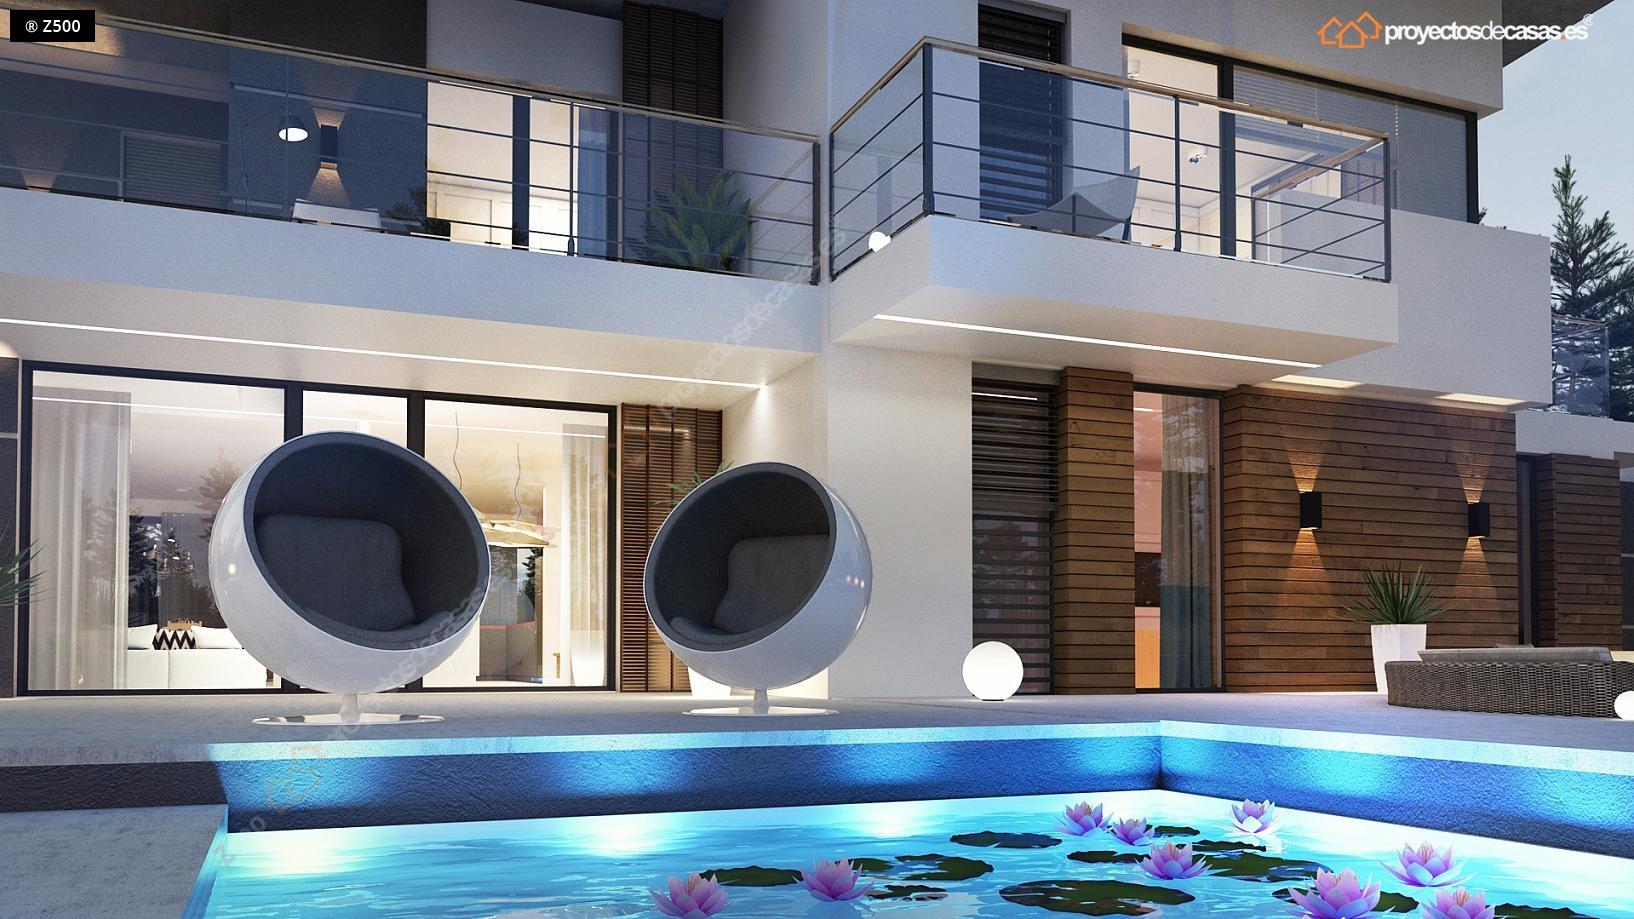 Proyectos de casas casa moderna con piscina - Casas modernas con piscina ...